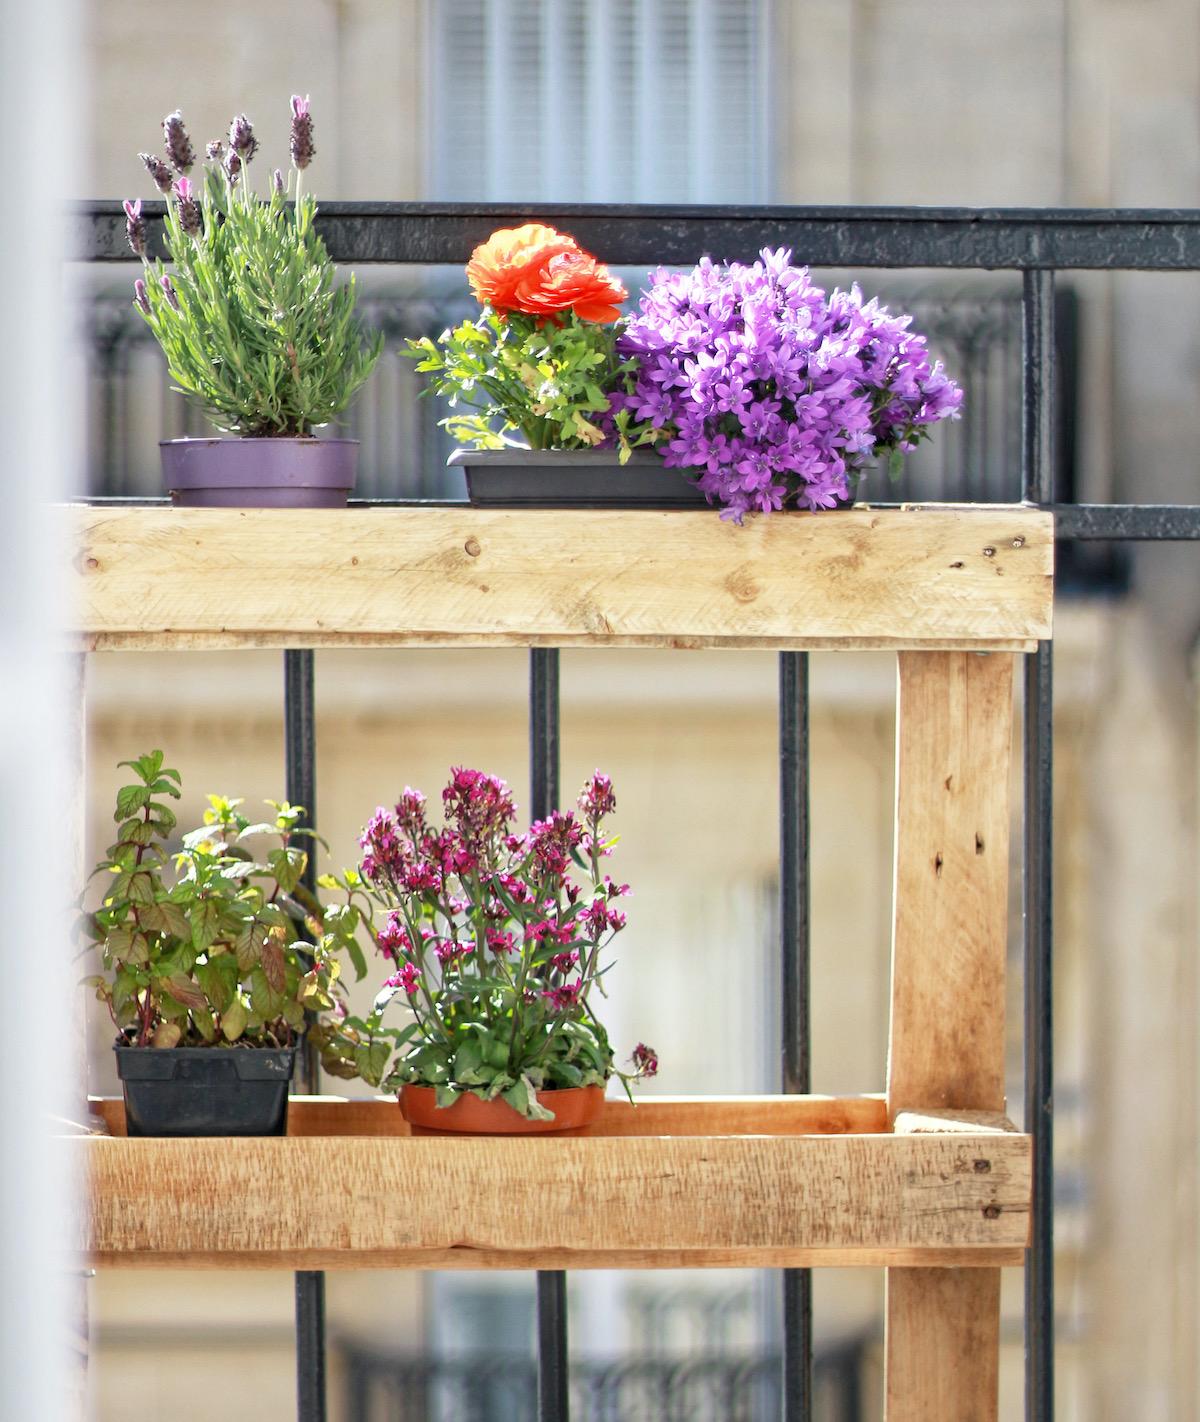 déco extérieure jardinière palettes en bois pots à fleurs